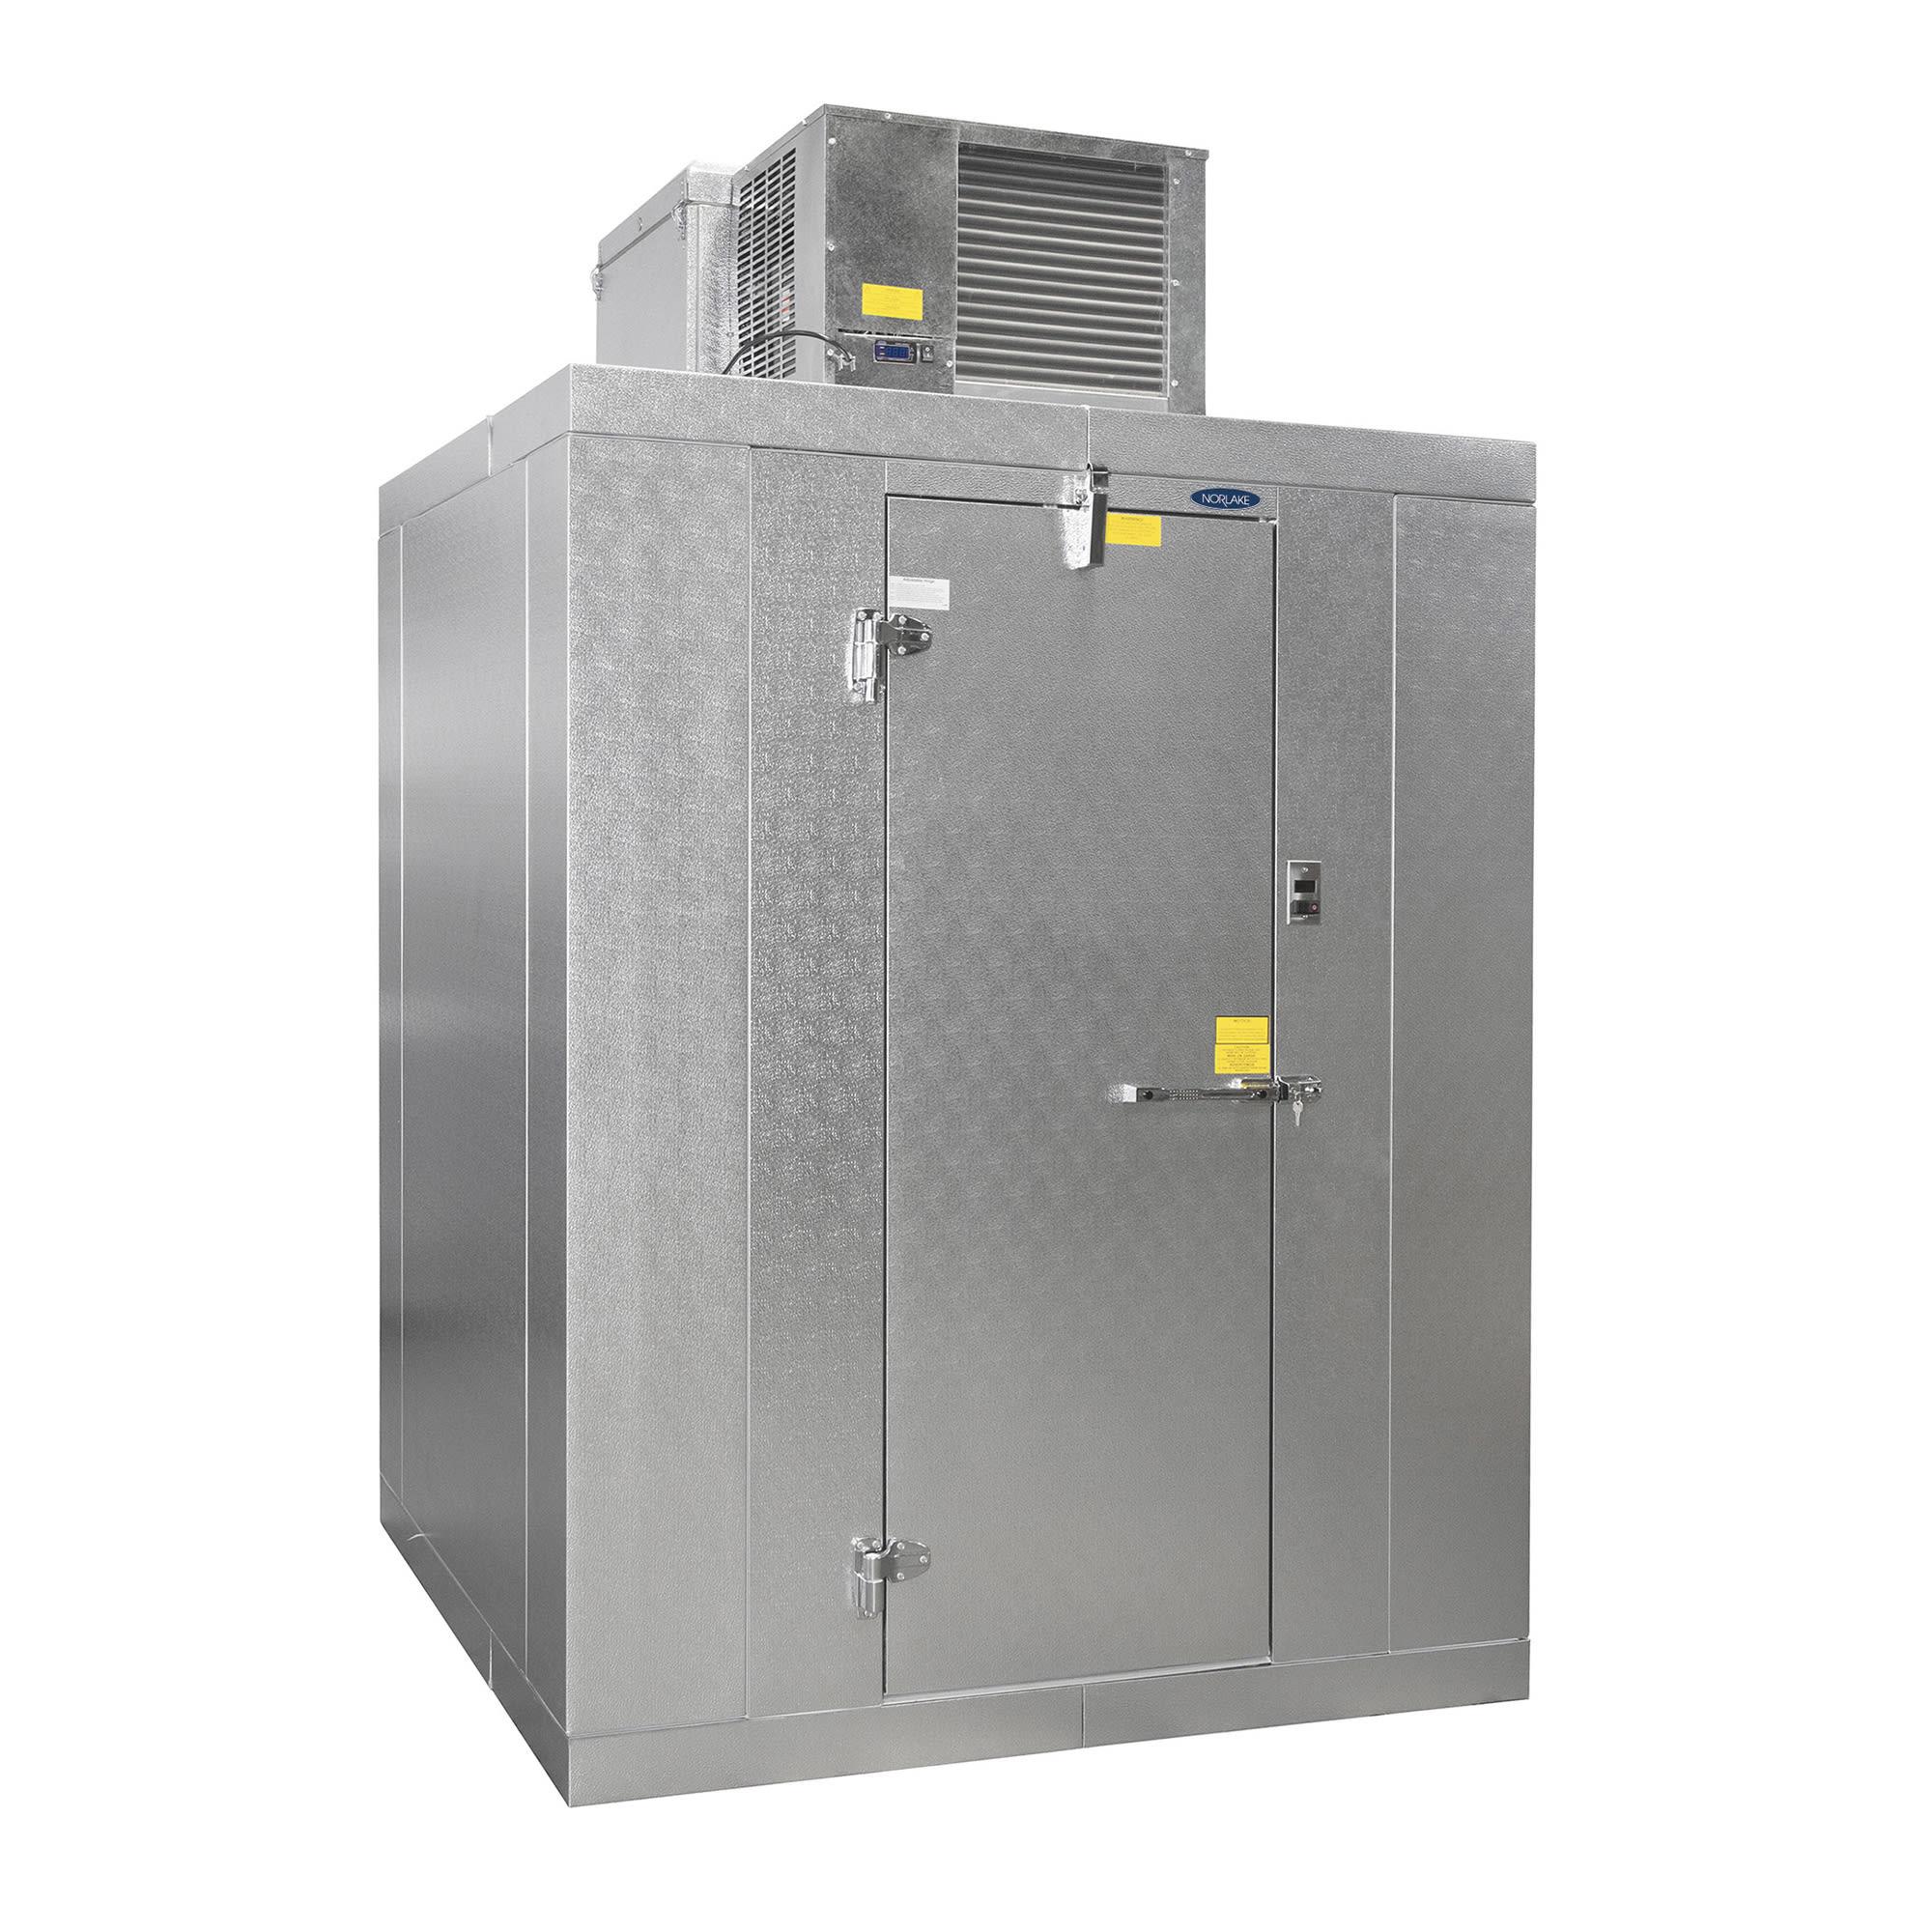 Norlake KODF77612-C Outdoor Walk-In Freezer w/ Top Mount Compressor, 6' x 12'